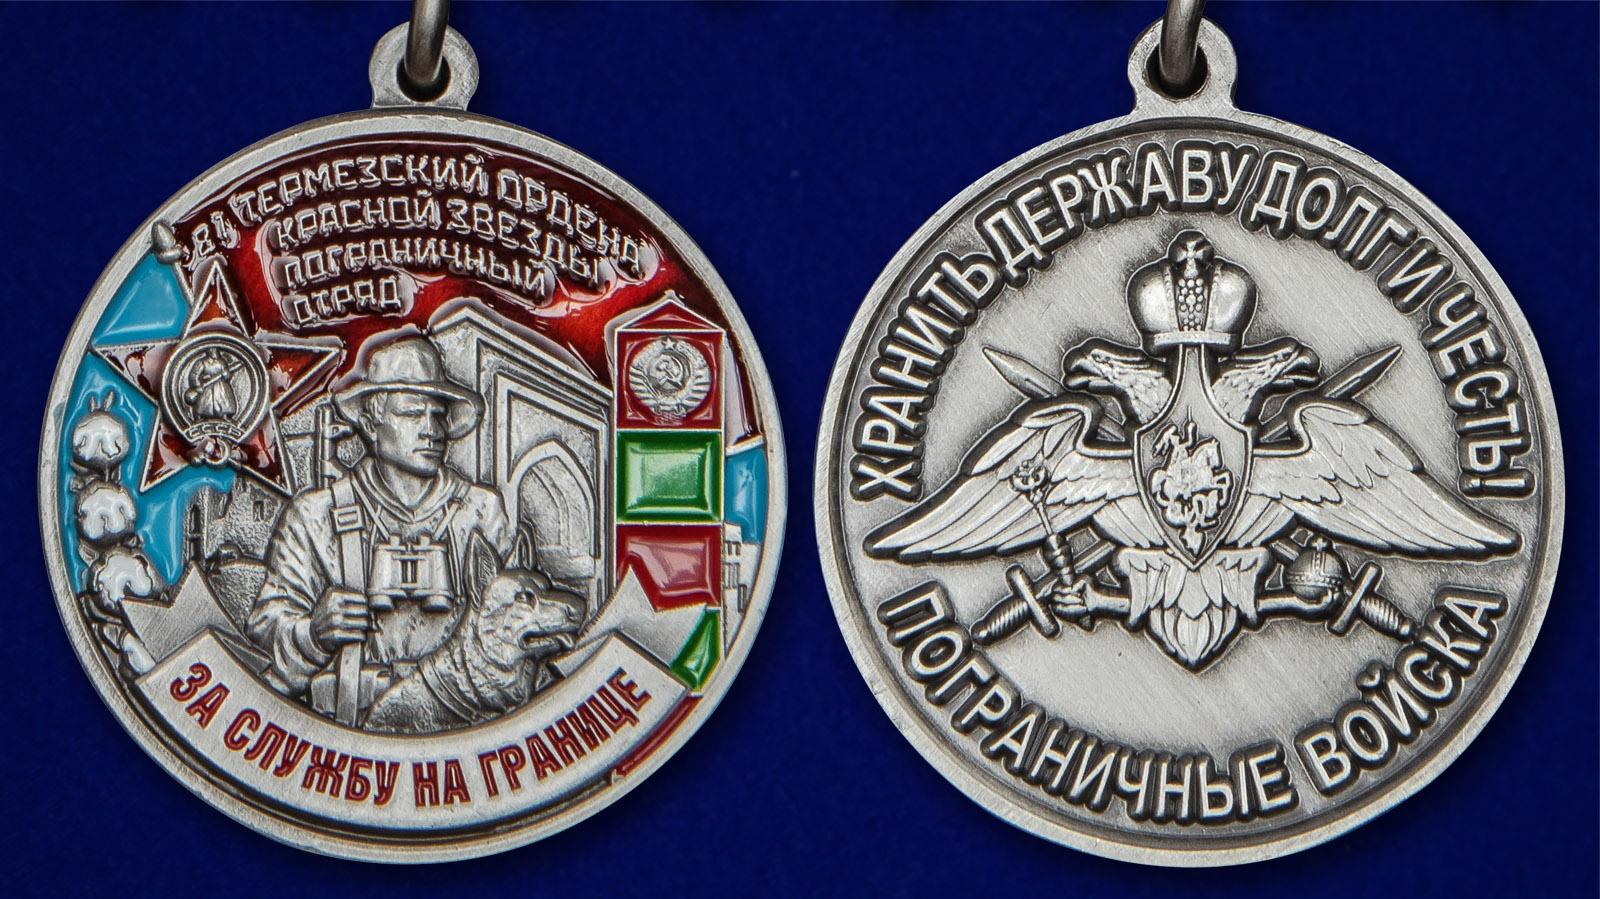 Наградная медаль За службу на границе (81 Термезский ПогО) - аверс и реверс